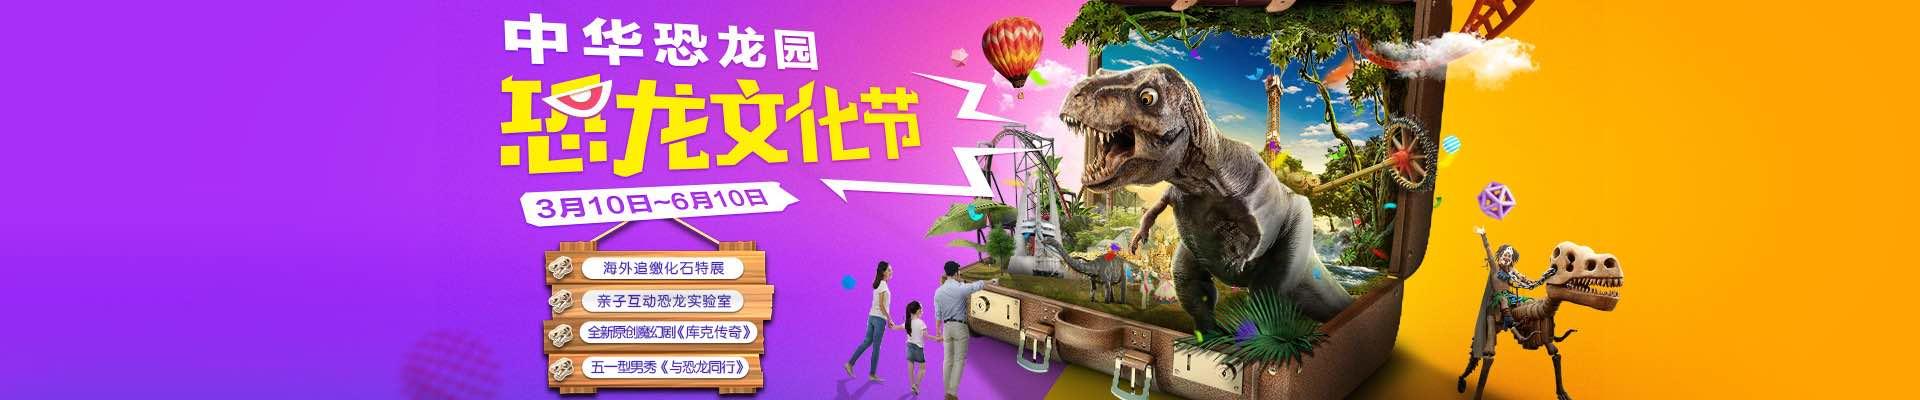 常州中华恐龙园恐